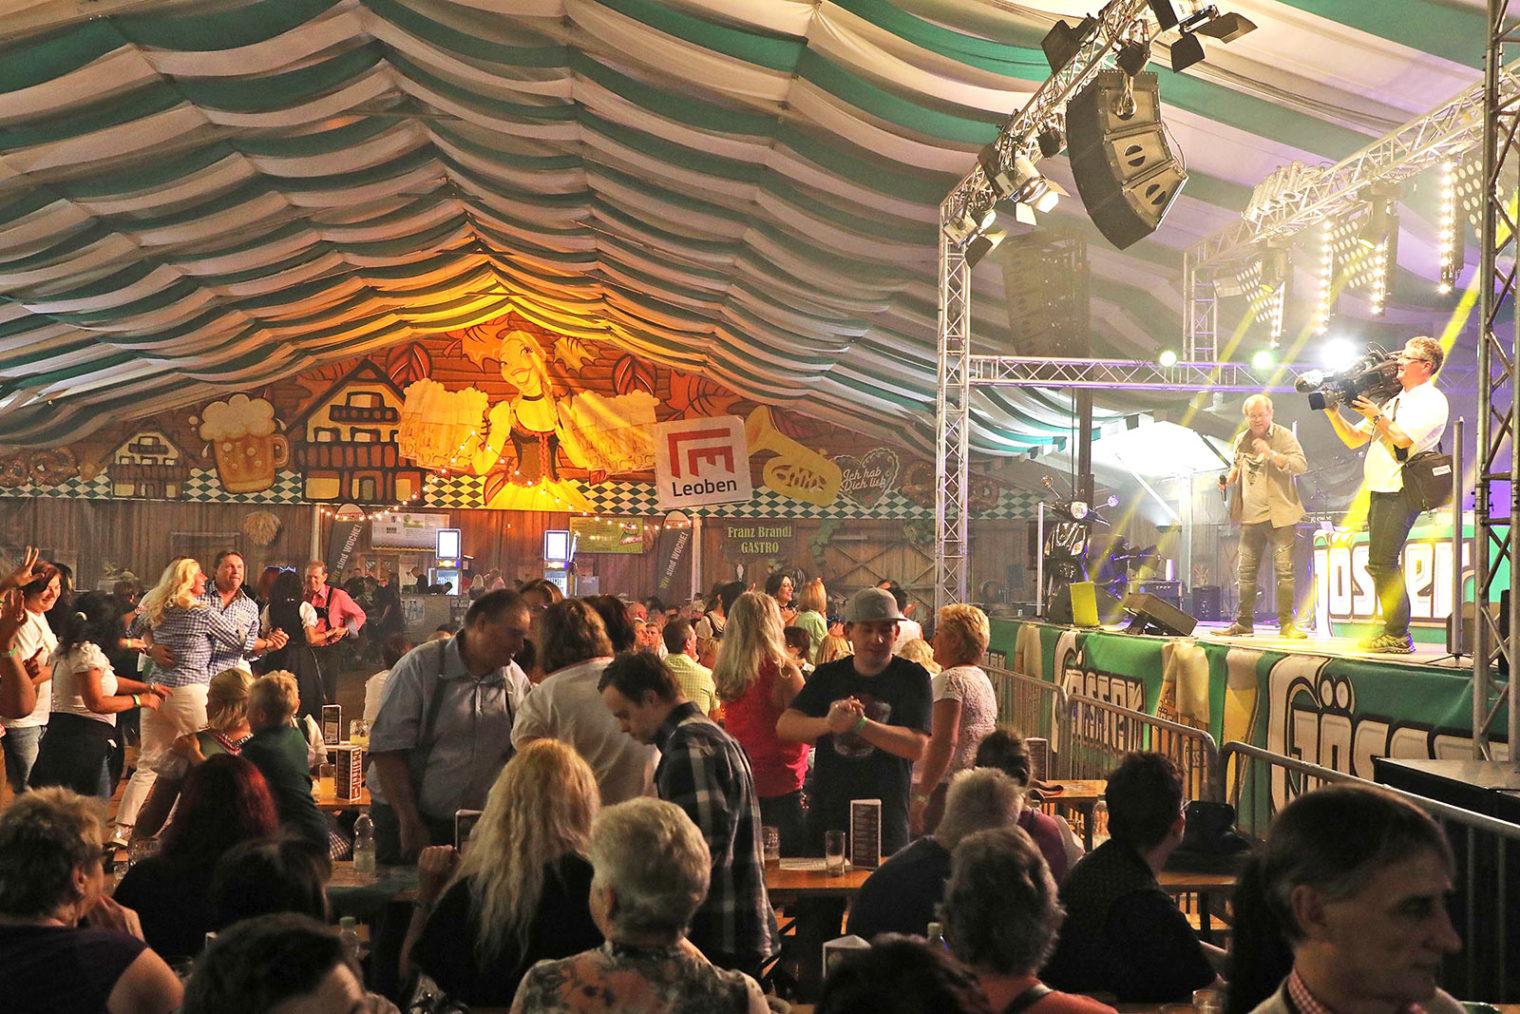 Feiernde Gäste am Leobener Wiesenfest